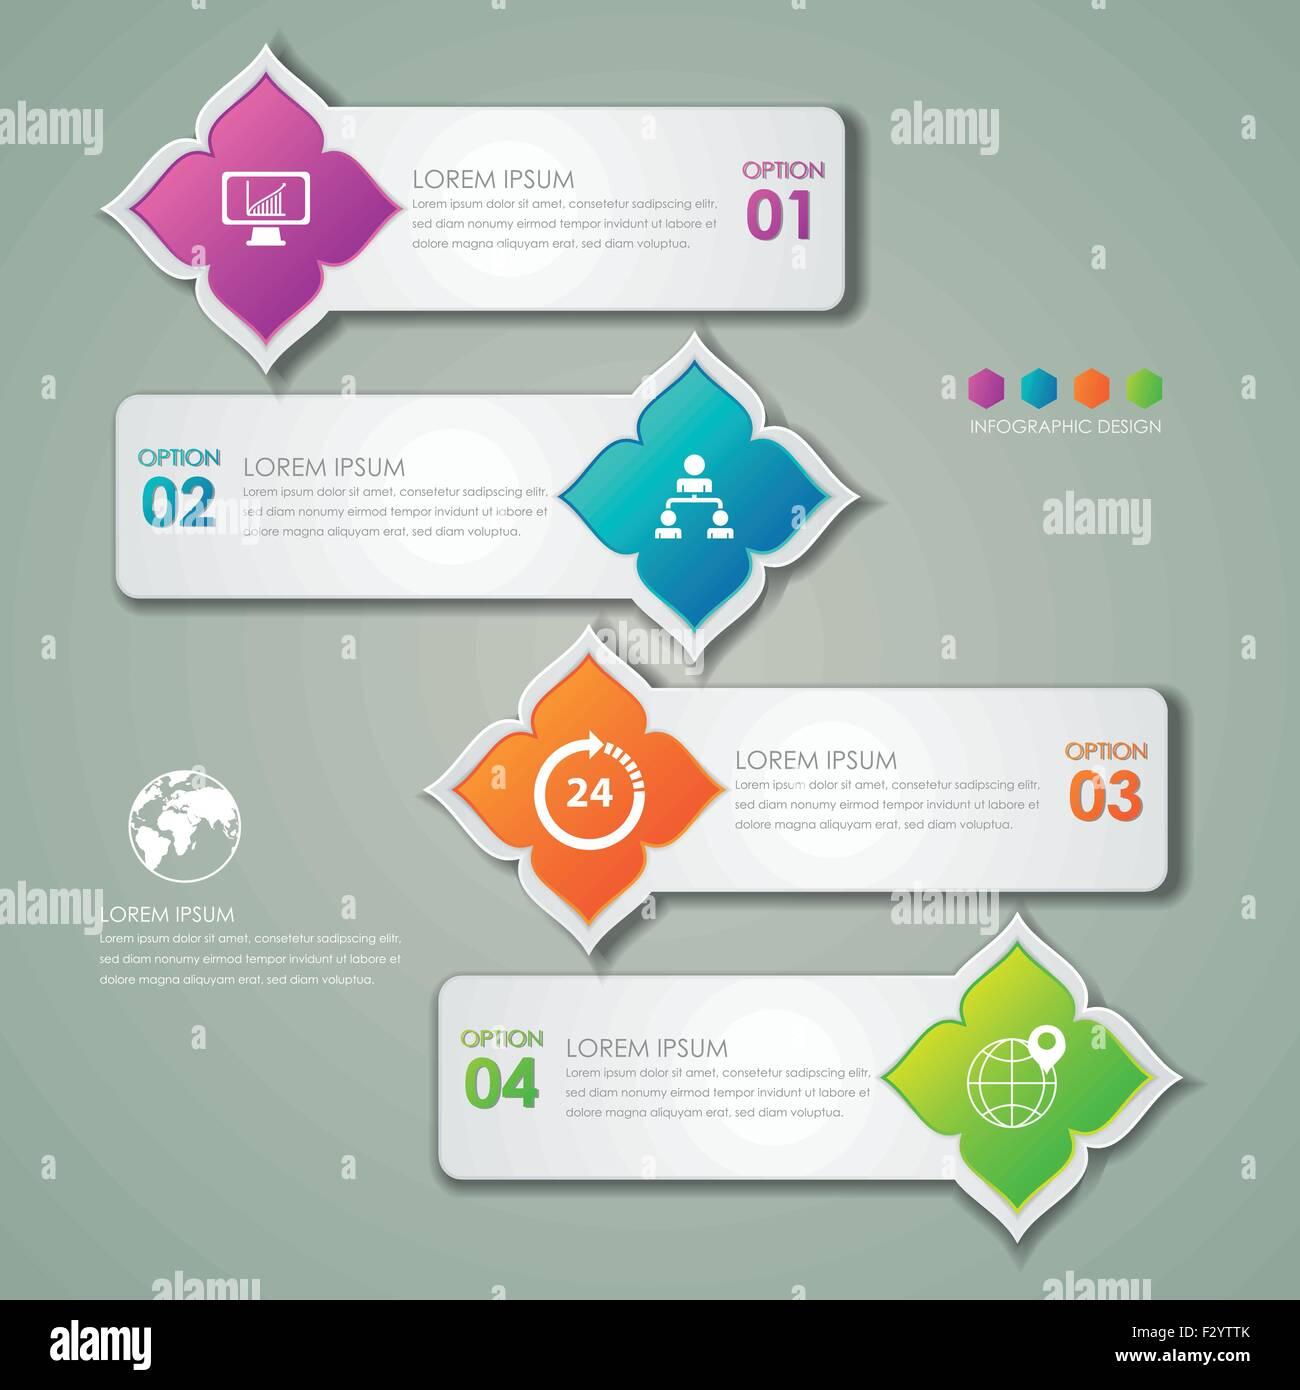 infografik vorlage und marketing designikonen thai muster konzept - Konzept Muster